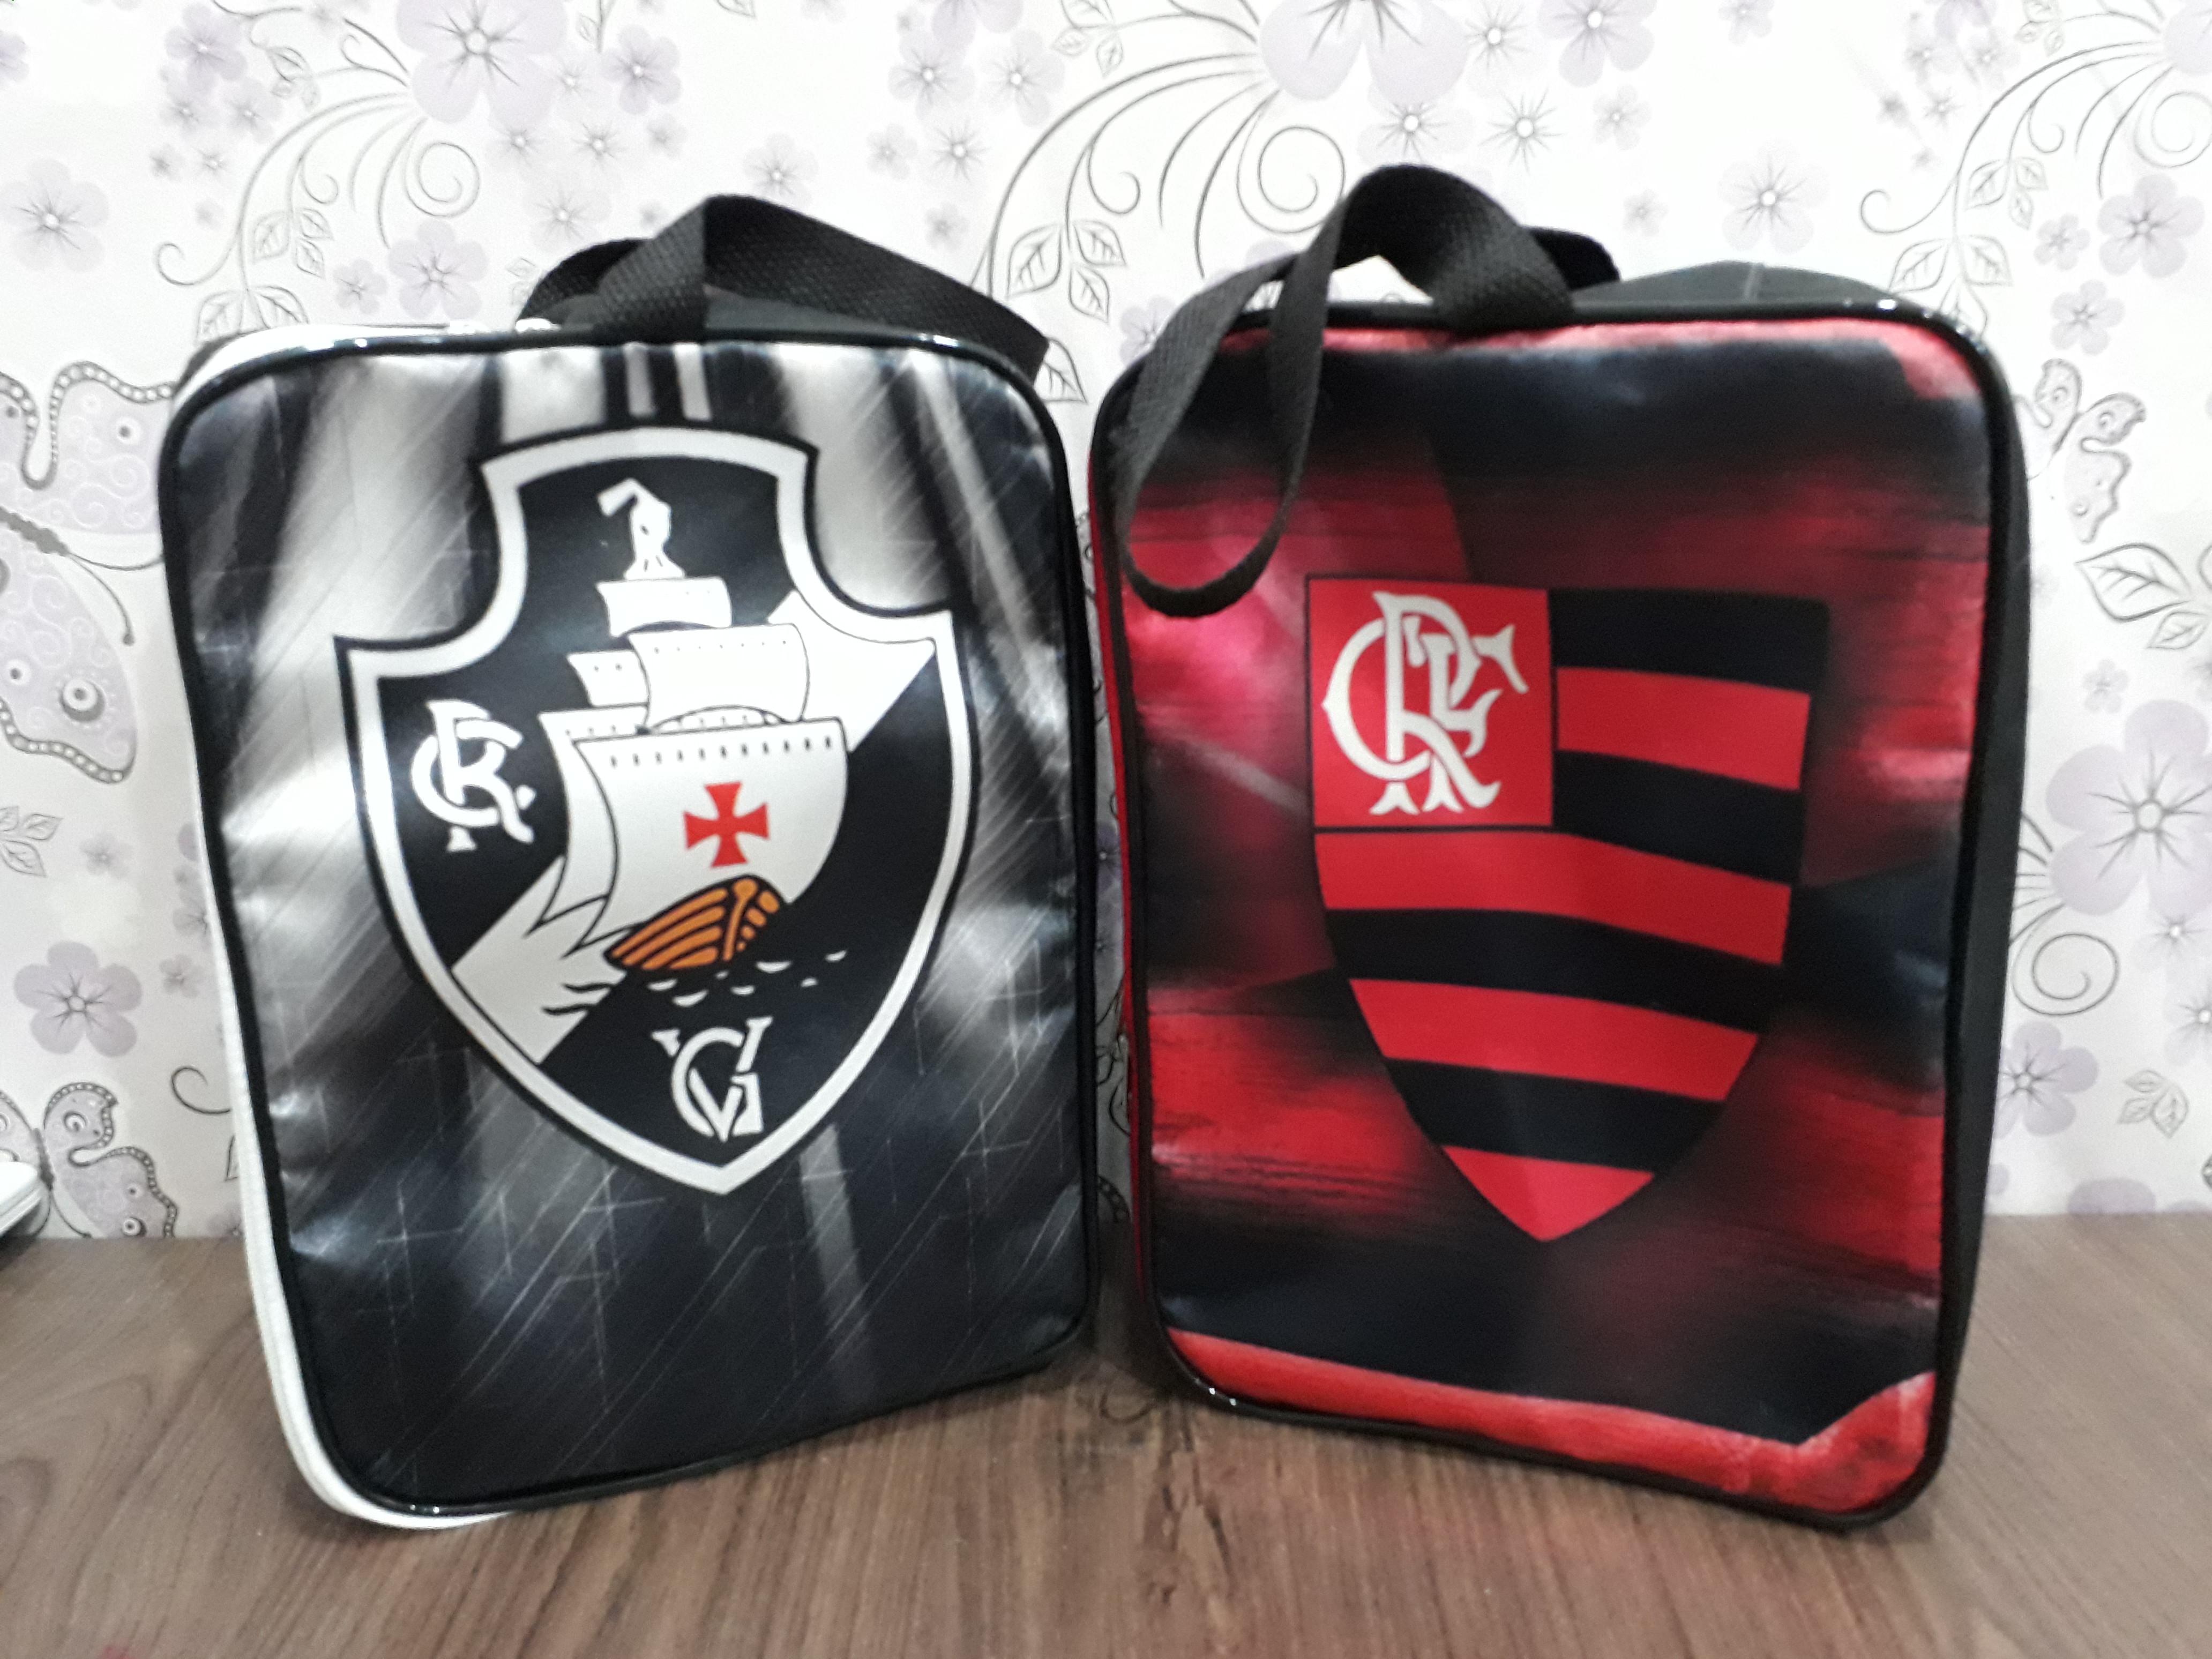 e79aaa9361 Chuteira Flamengo Futebol